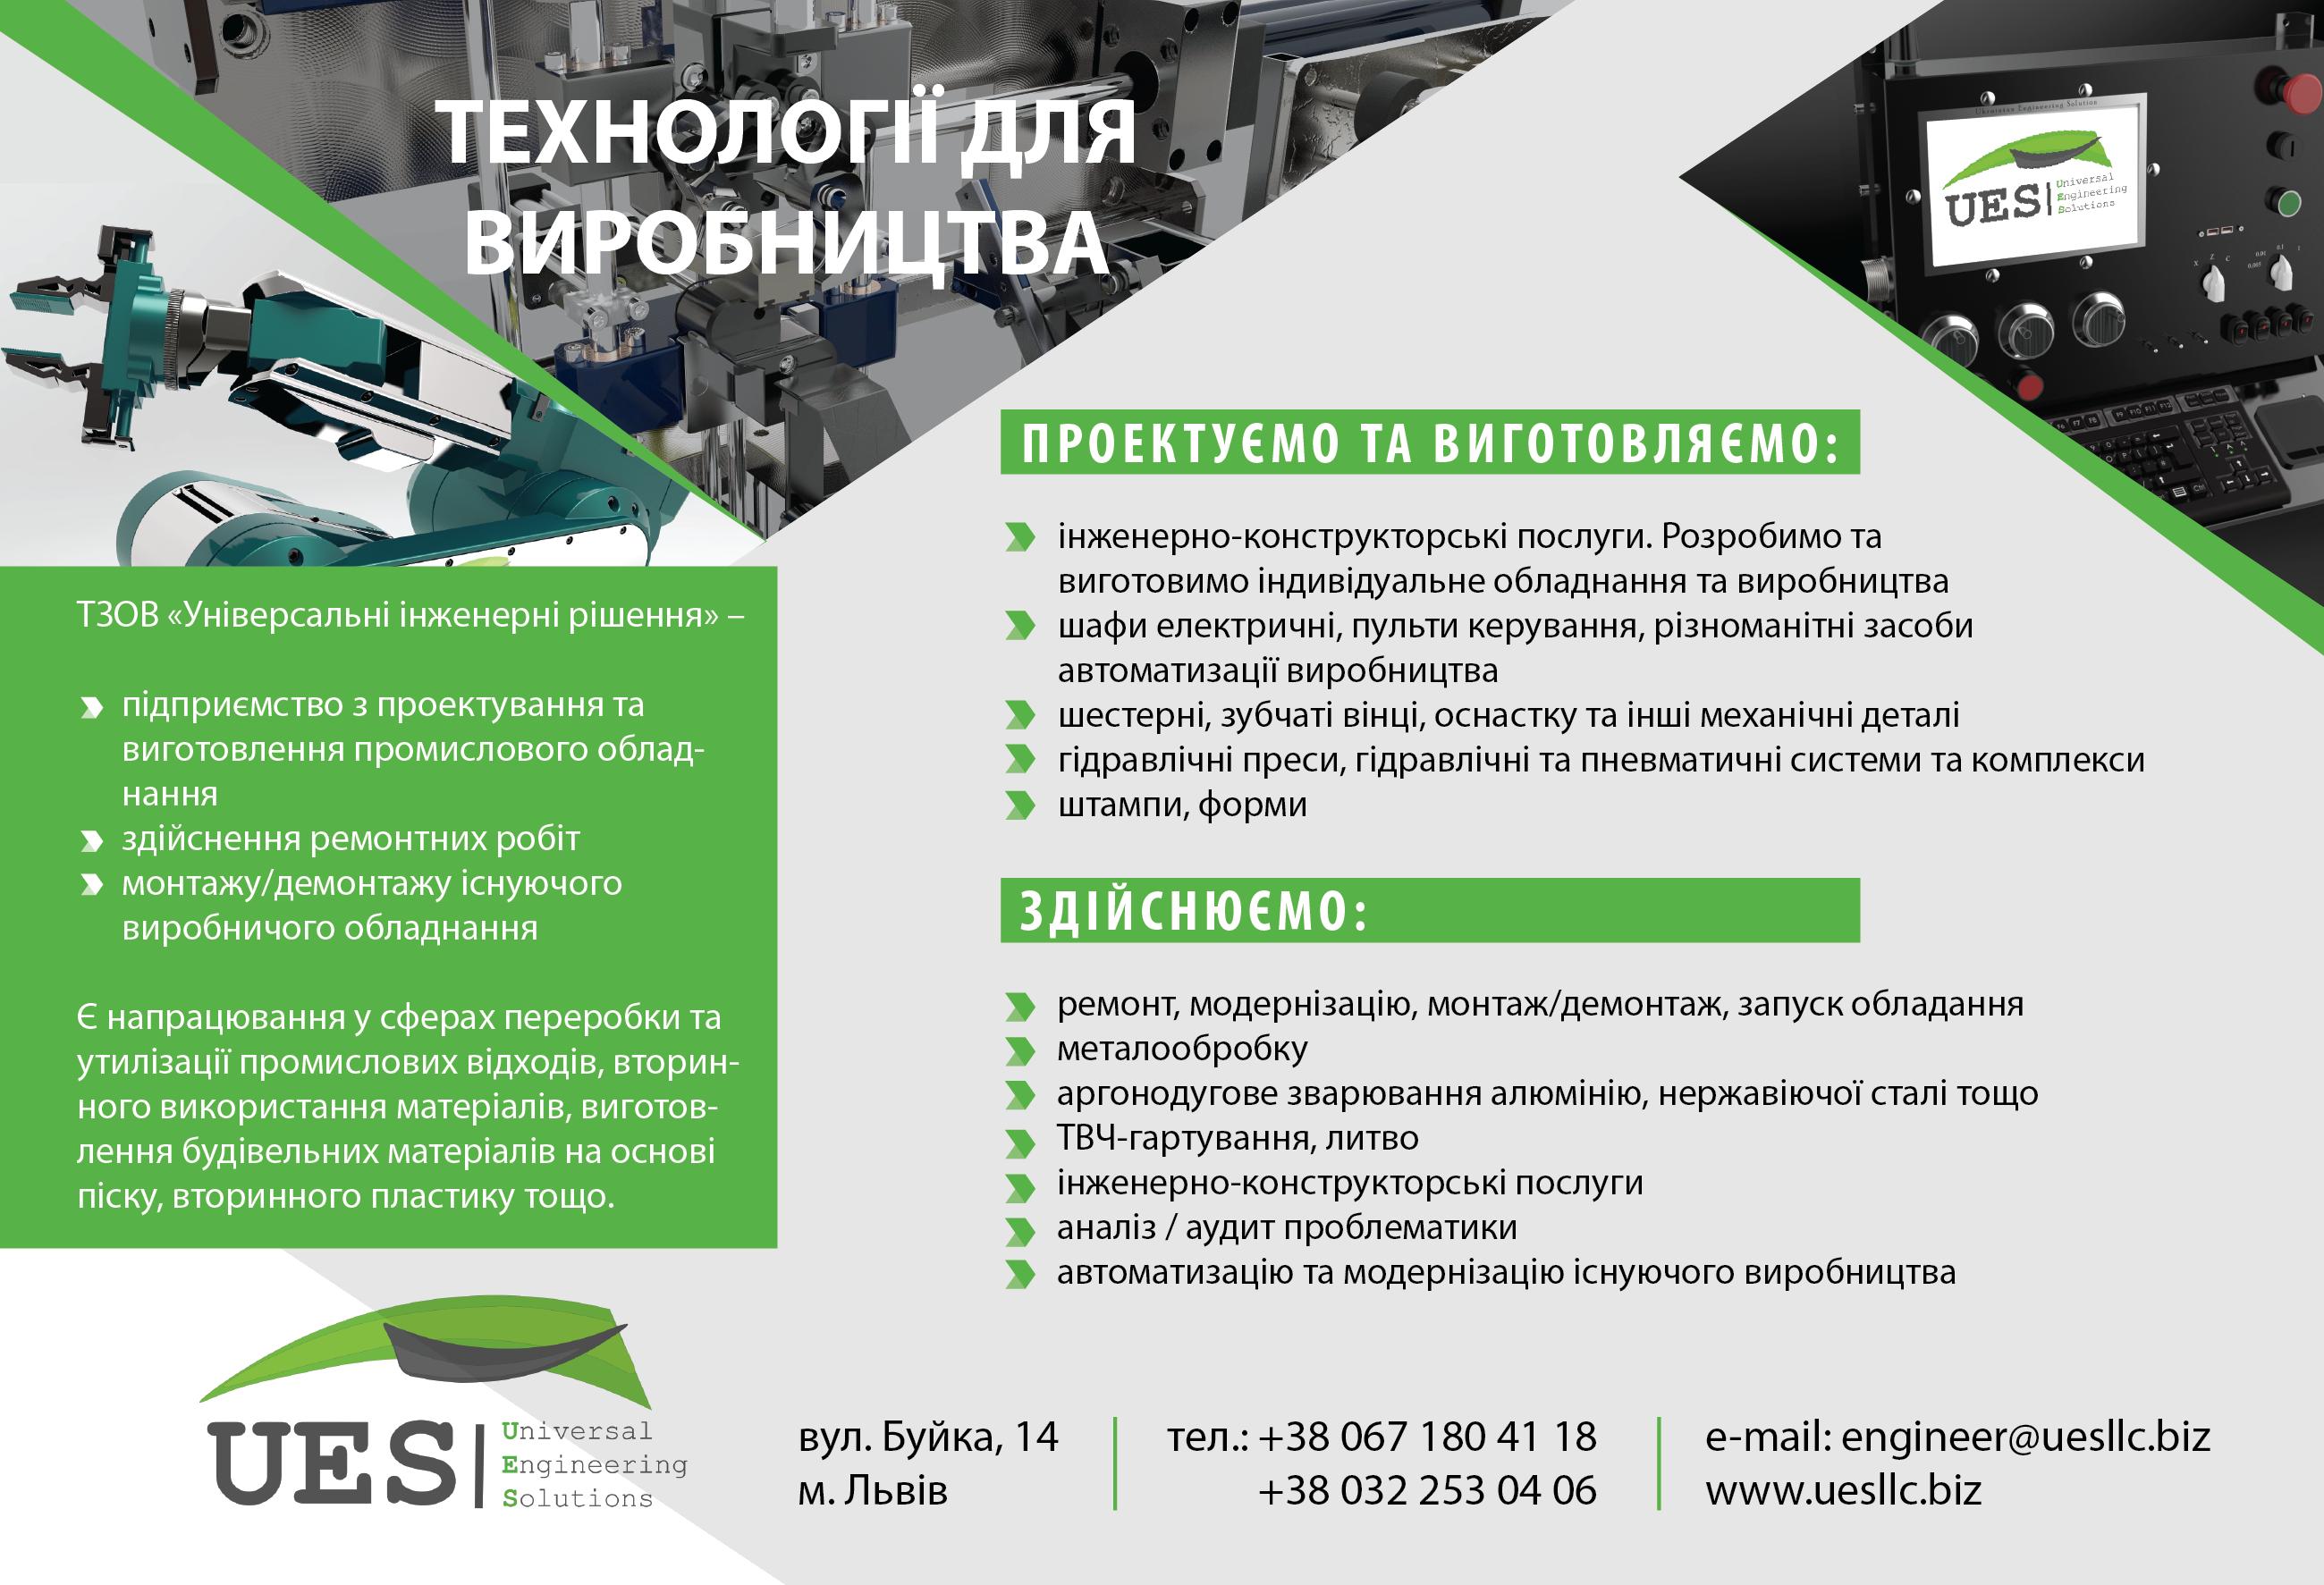 """Технології для виробництва від ТзОВ """"Універсальні інженерні рішення"""" c55d0a342948e"""